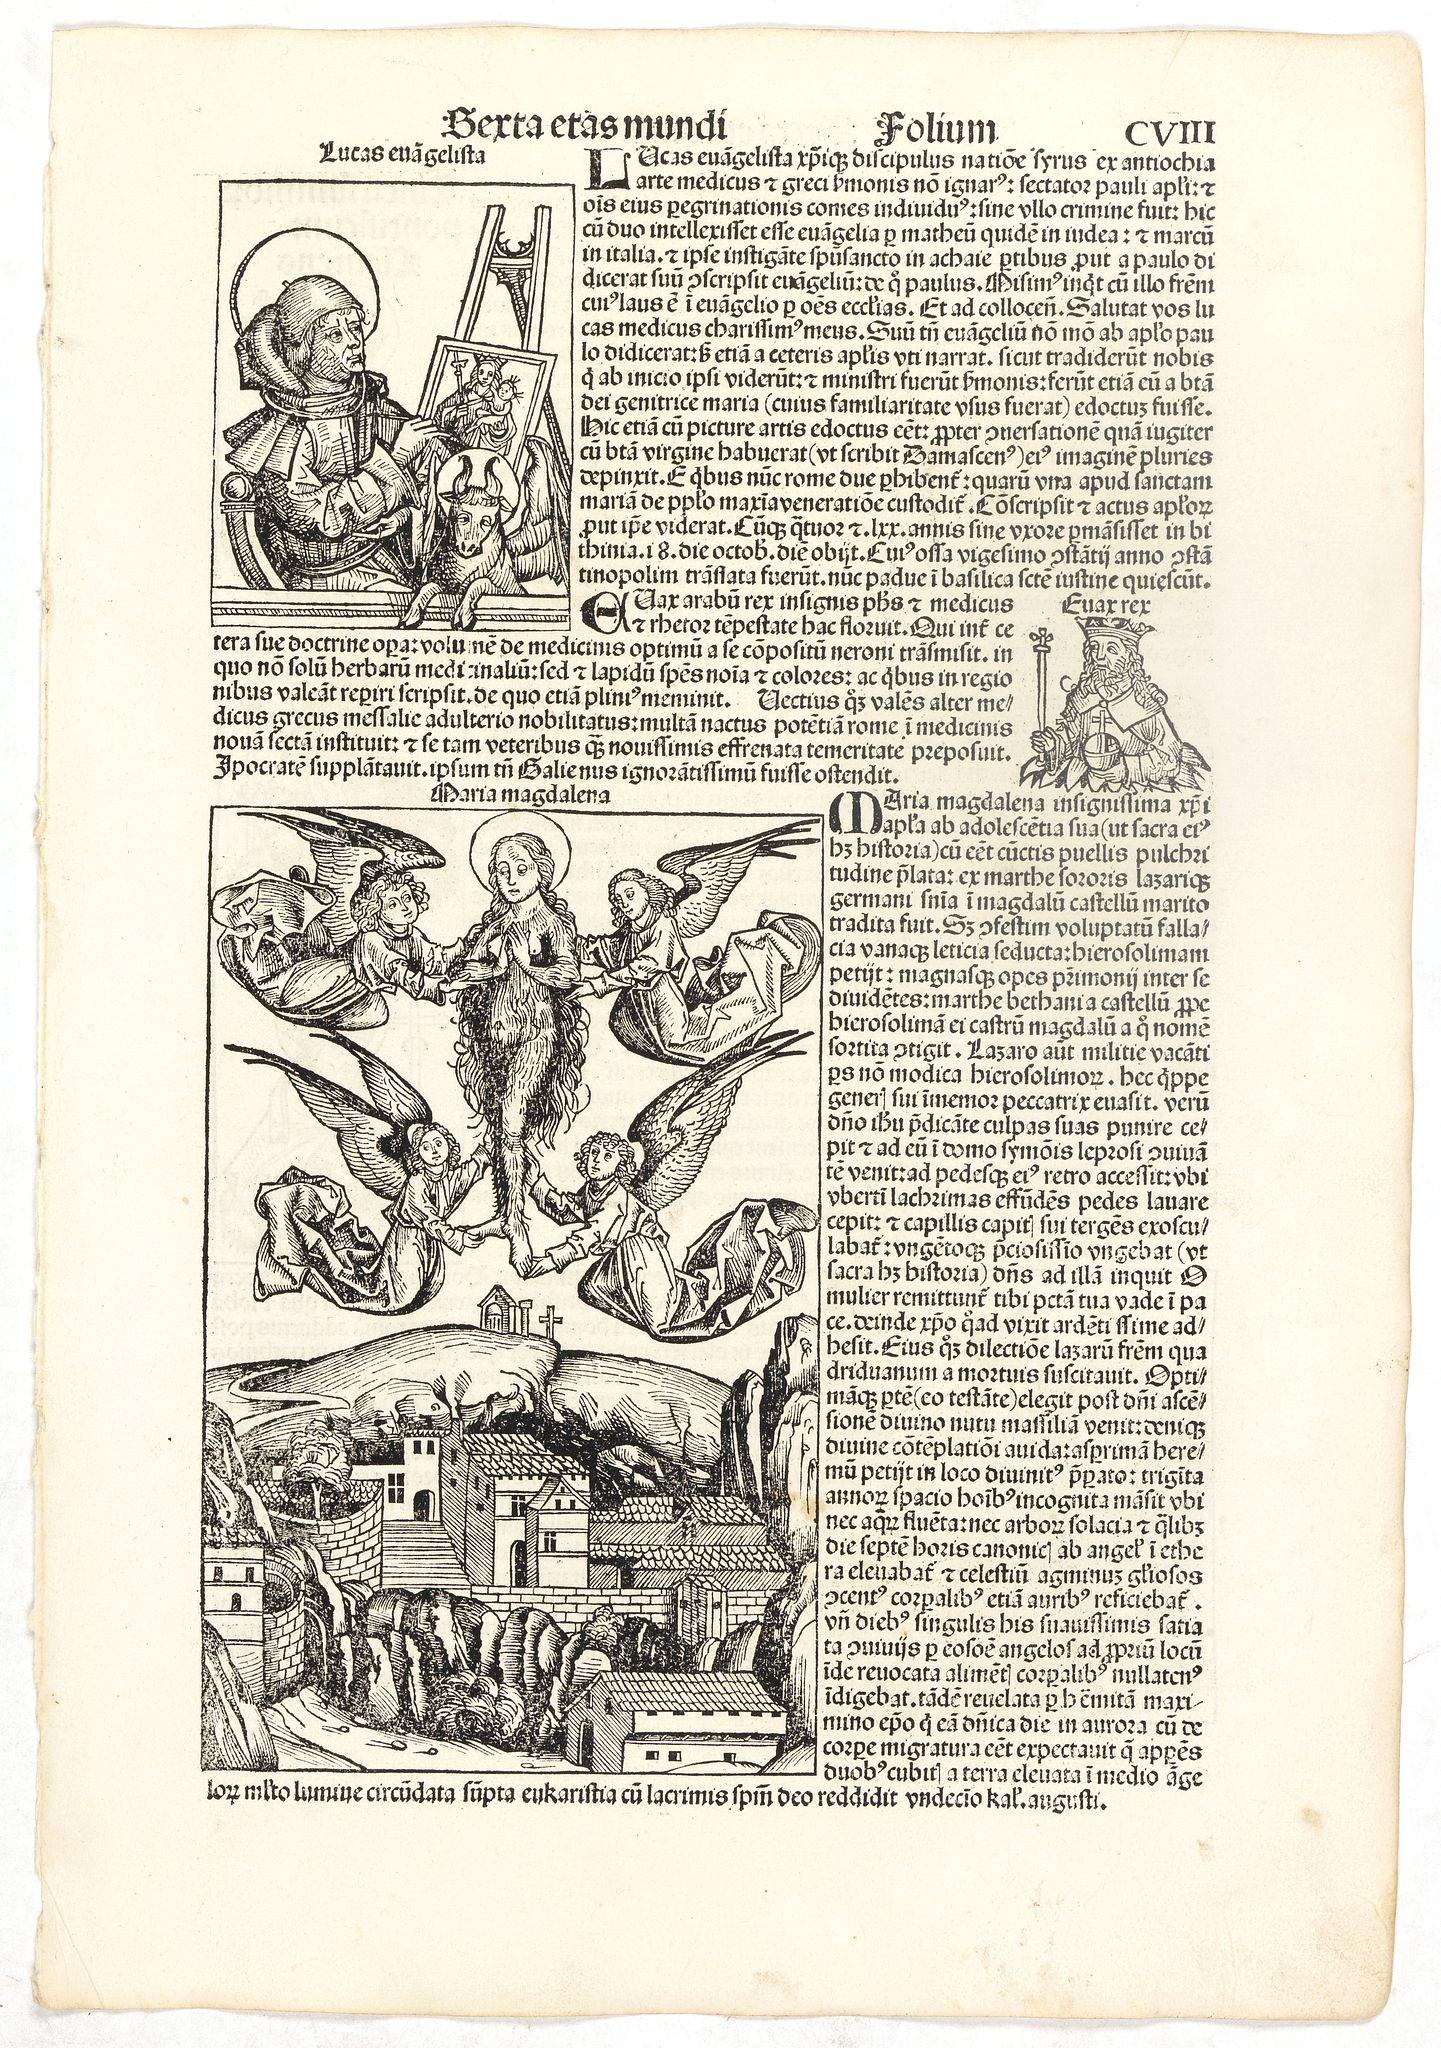 SCHEDEL, H. -  Sexta Etas Mudi. Lucas Evagelista. Folium CVIII.